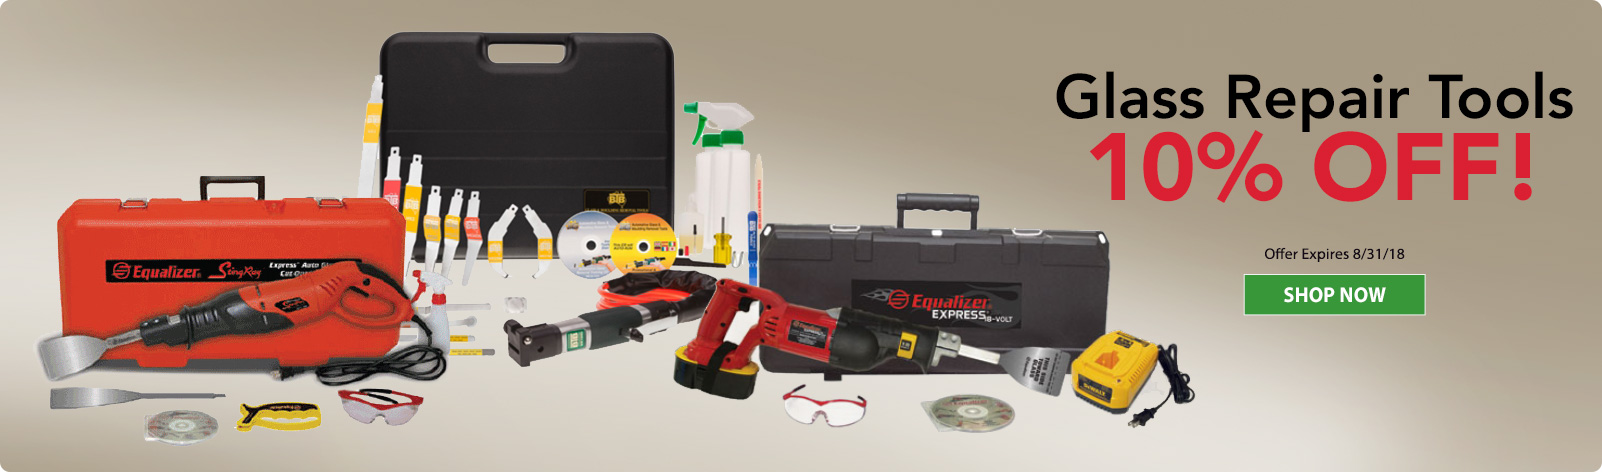 Glass Repair Tools